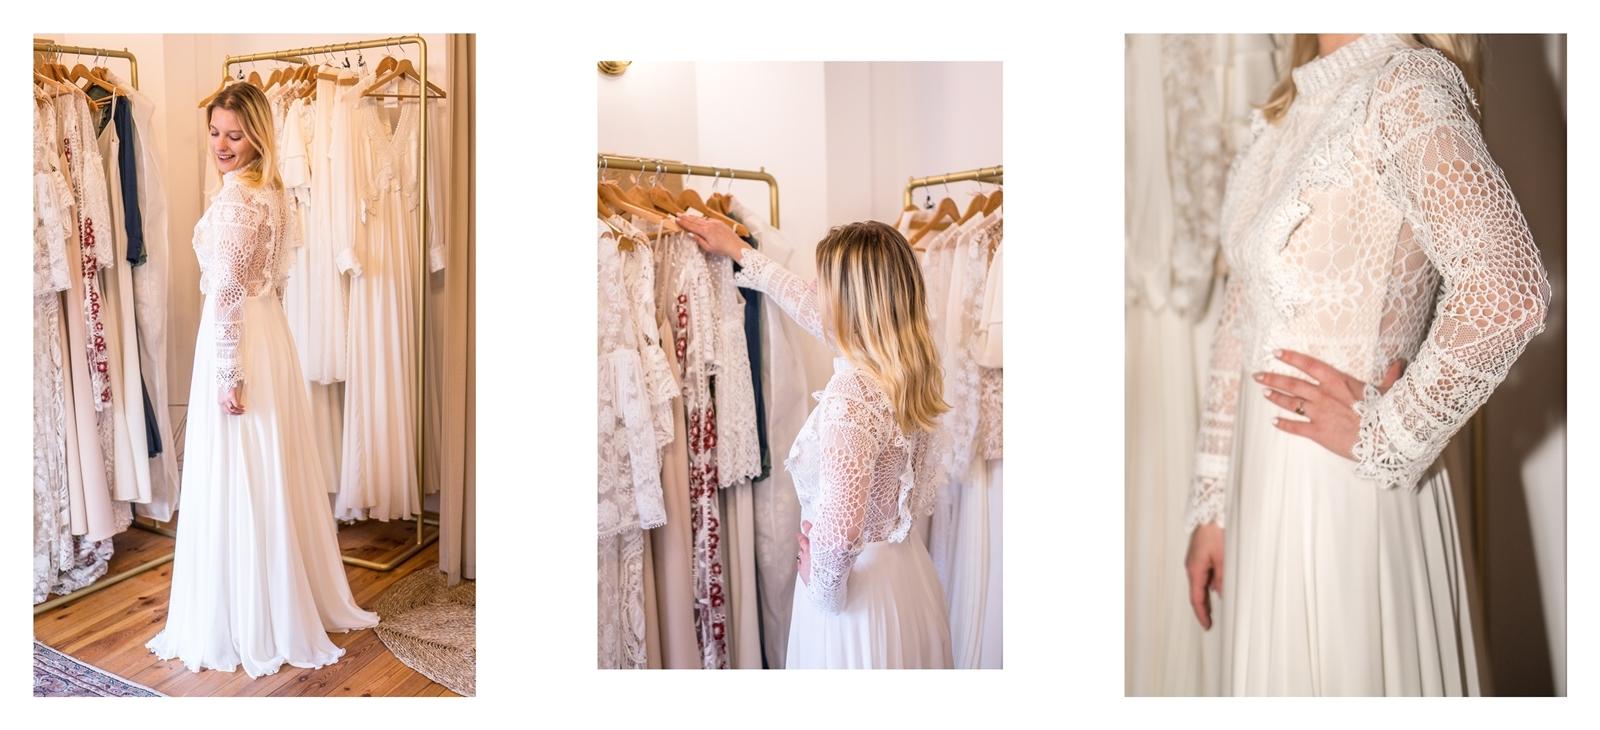 14 suknia ślubna bez stanika bez biustonosza bez halki bez pleców bez dobień minimalistyczna suknia ślubna ze spódnnicą z odkrytymi plecami